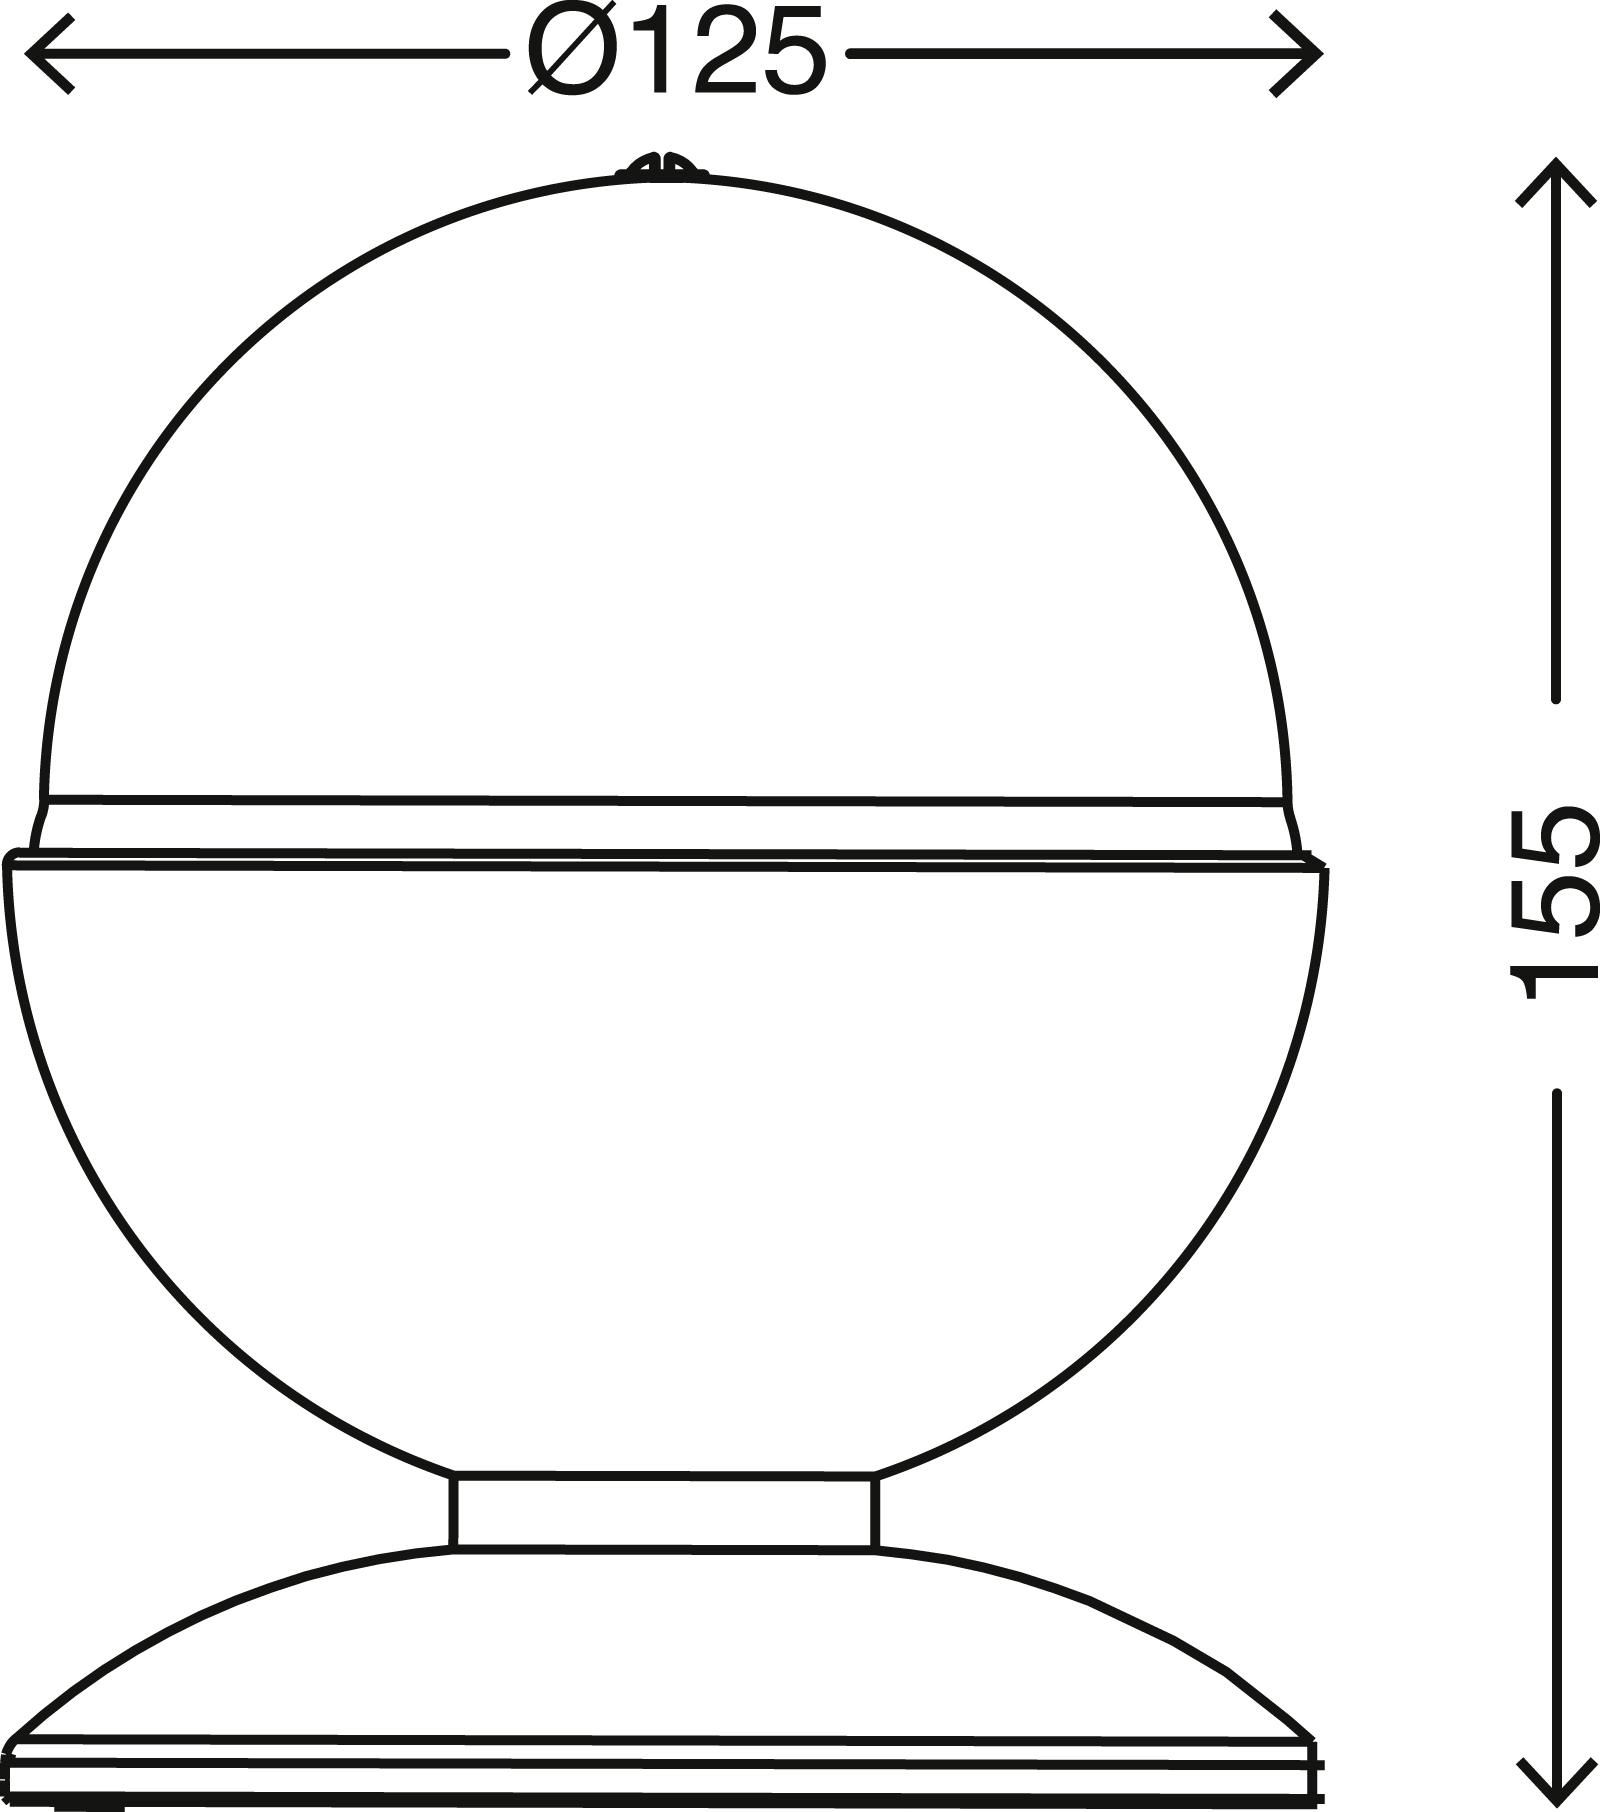 RGB LED Tischleuchte, Ø 12,5 cm, 3 W, Schwarz